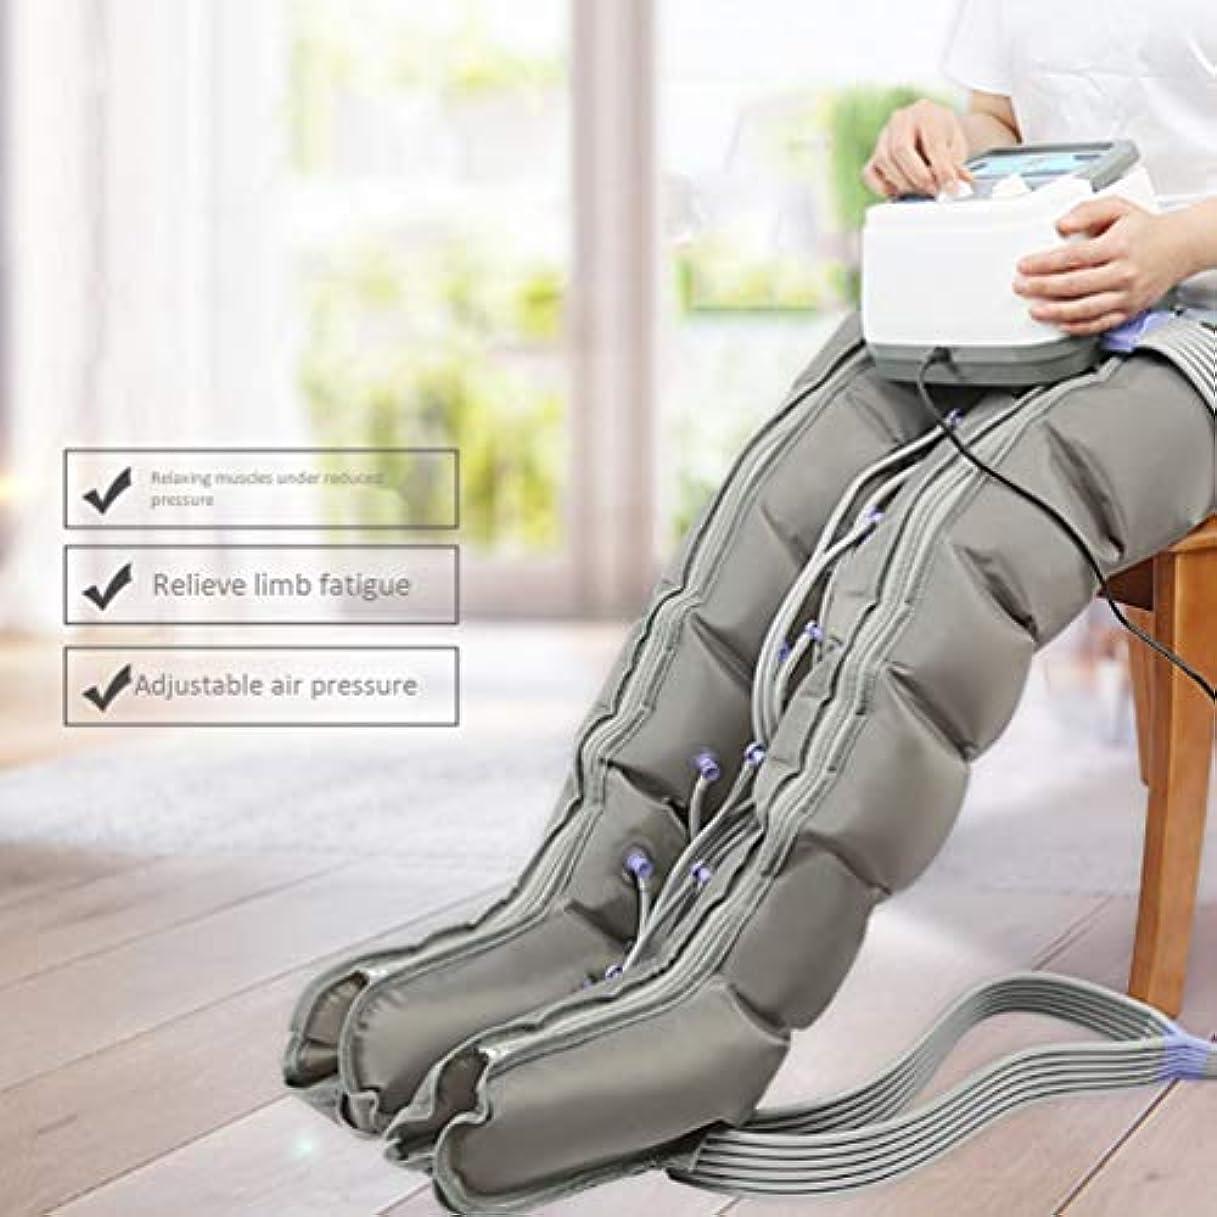 漁師有毒な部分的空気圧縮脚マッサージ機足とふくらはぎの足の太もものマッサージでふくらはぎの循環ブースターは腫れや浮腫の痛みを助ける(6つのキャビティ)